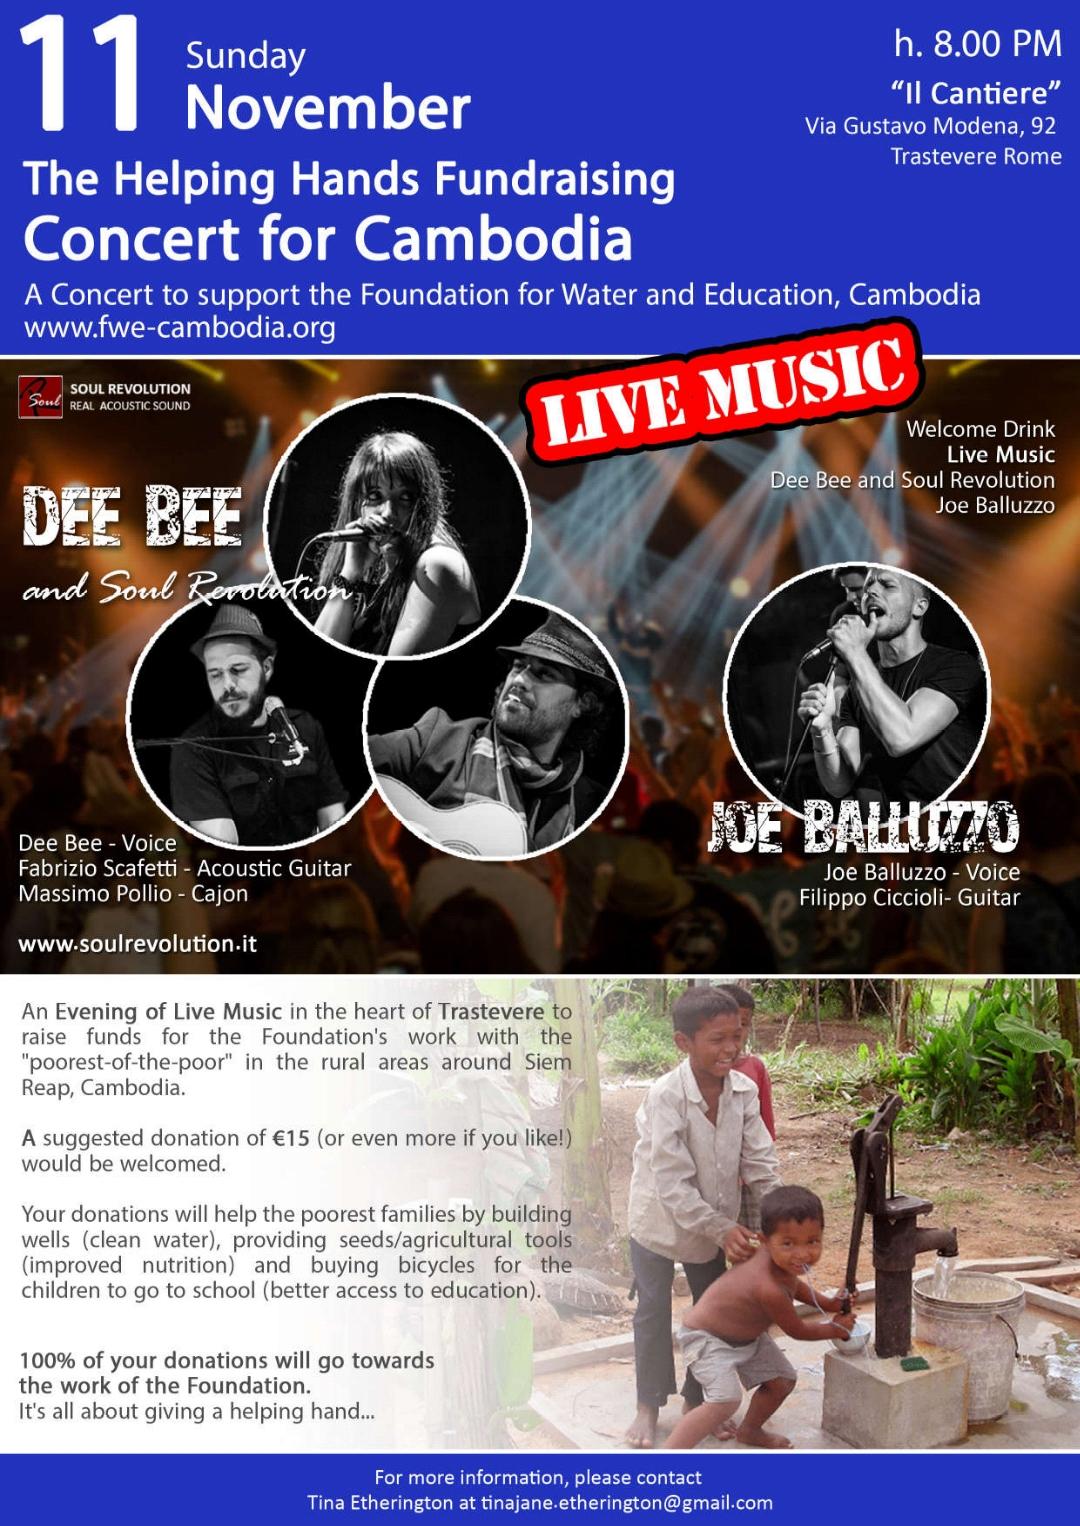 Concerto di beneficenza per la Cambogia